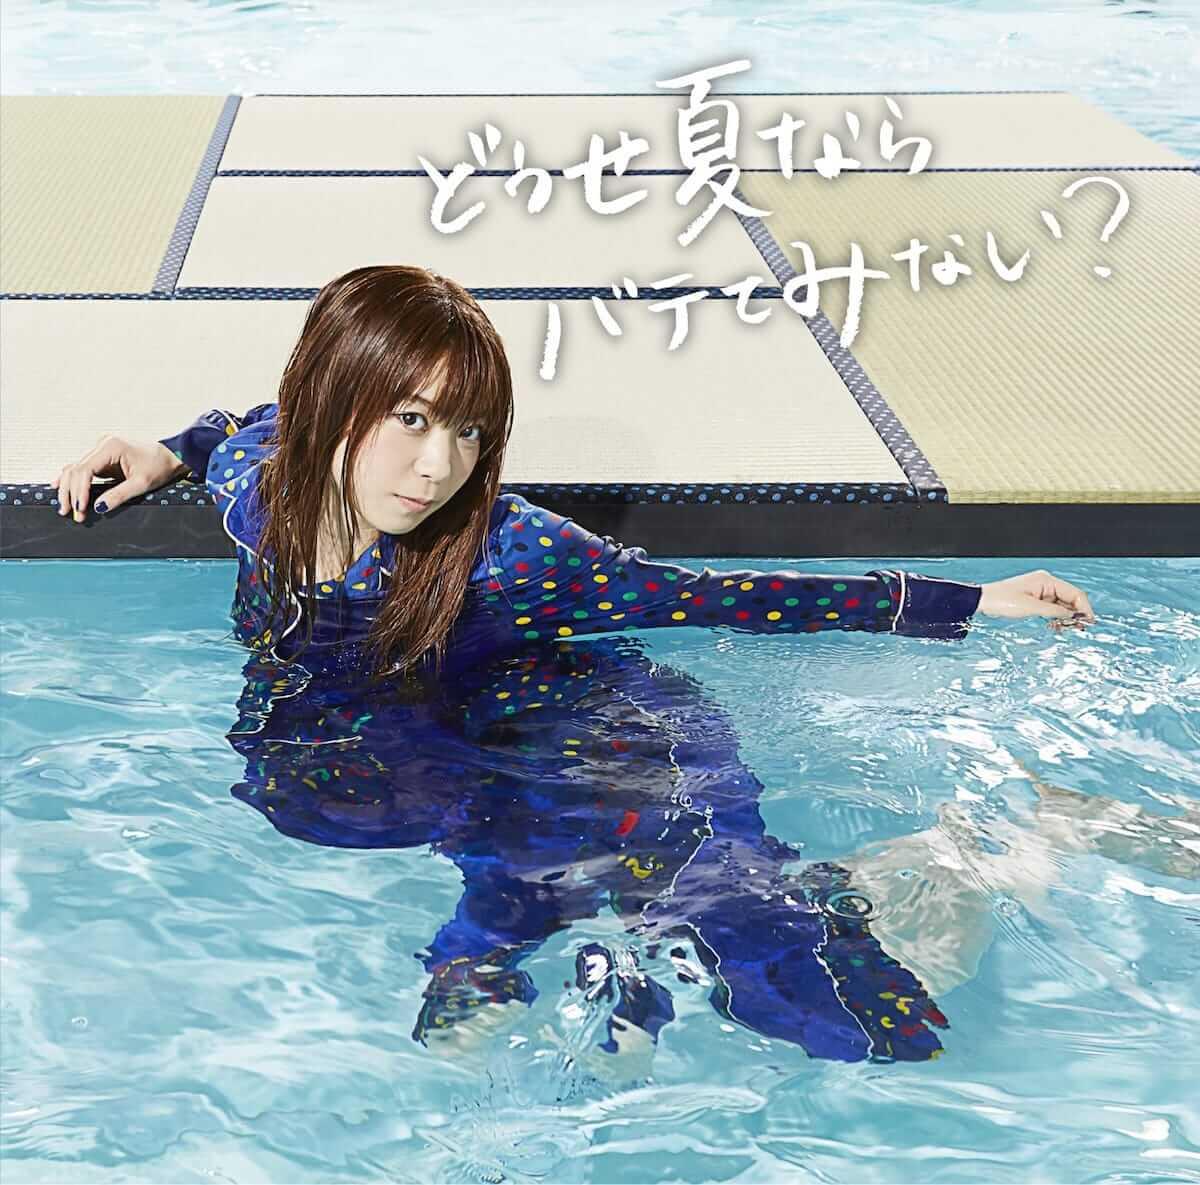 話題の現役女子大生シンガーソングライターがパジャマ姿でずぶ濡れに!? music180705_mashinomi_1-1200x1185